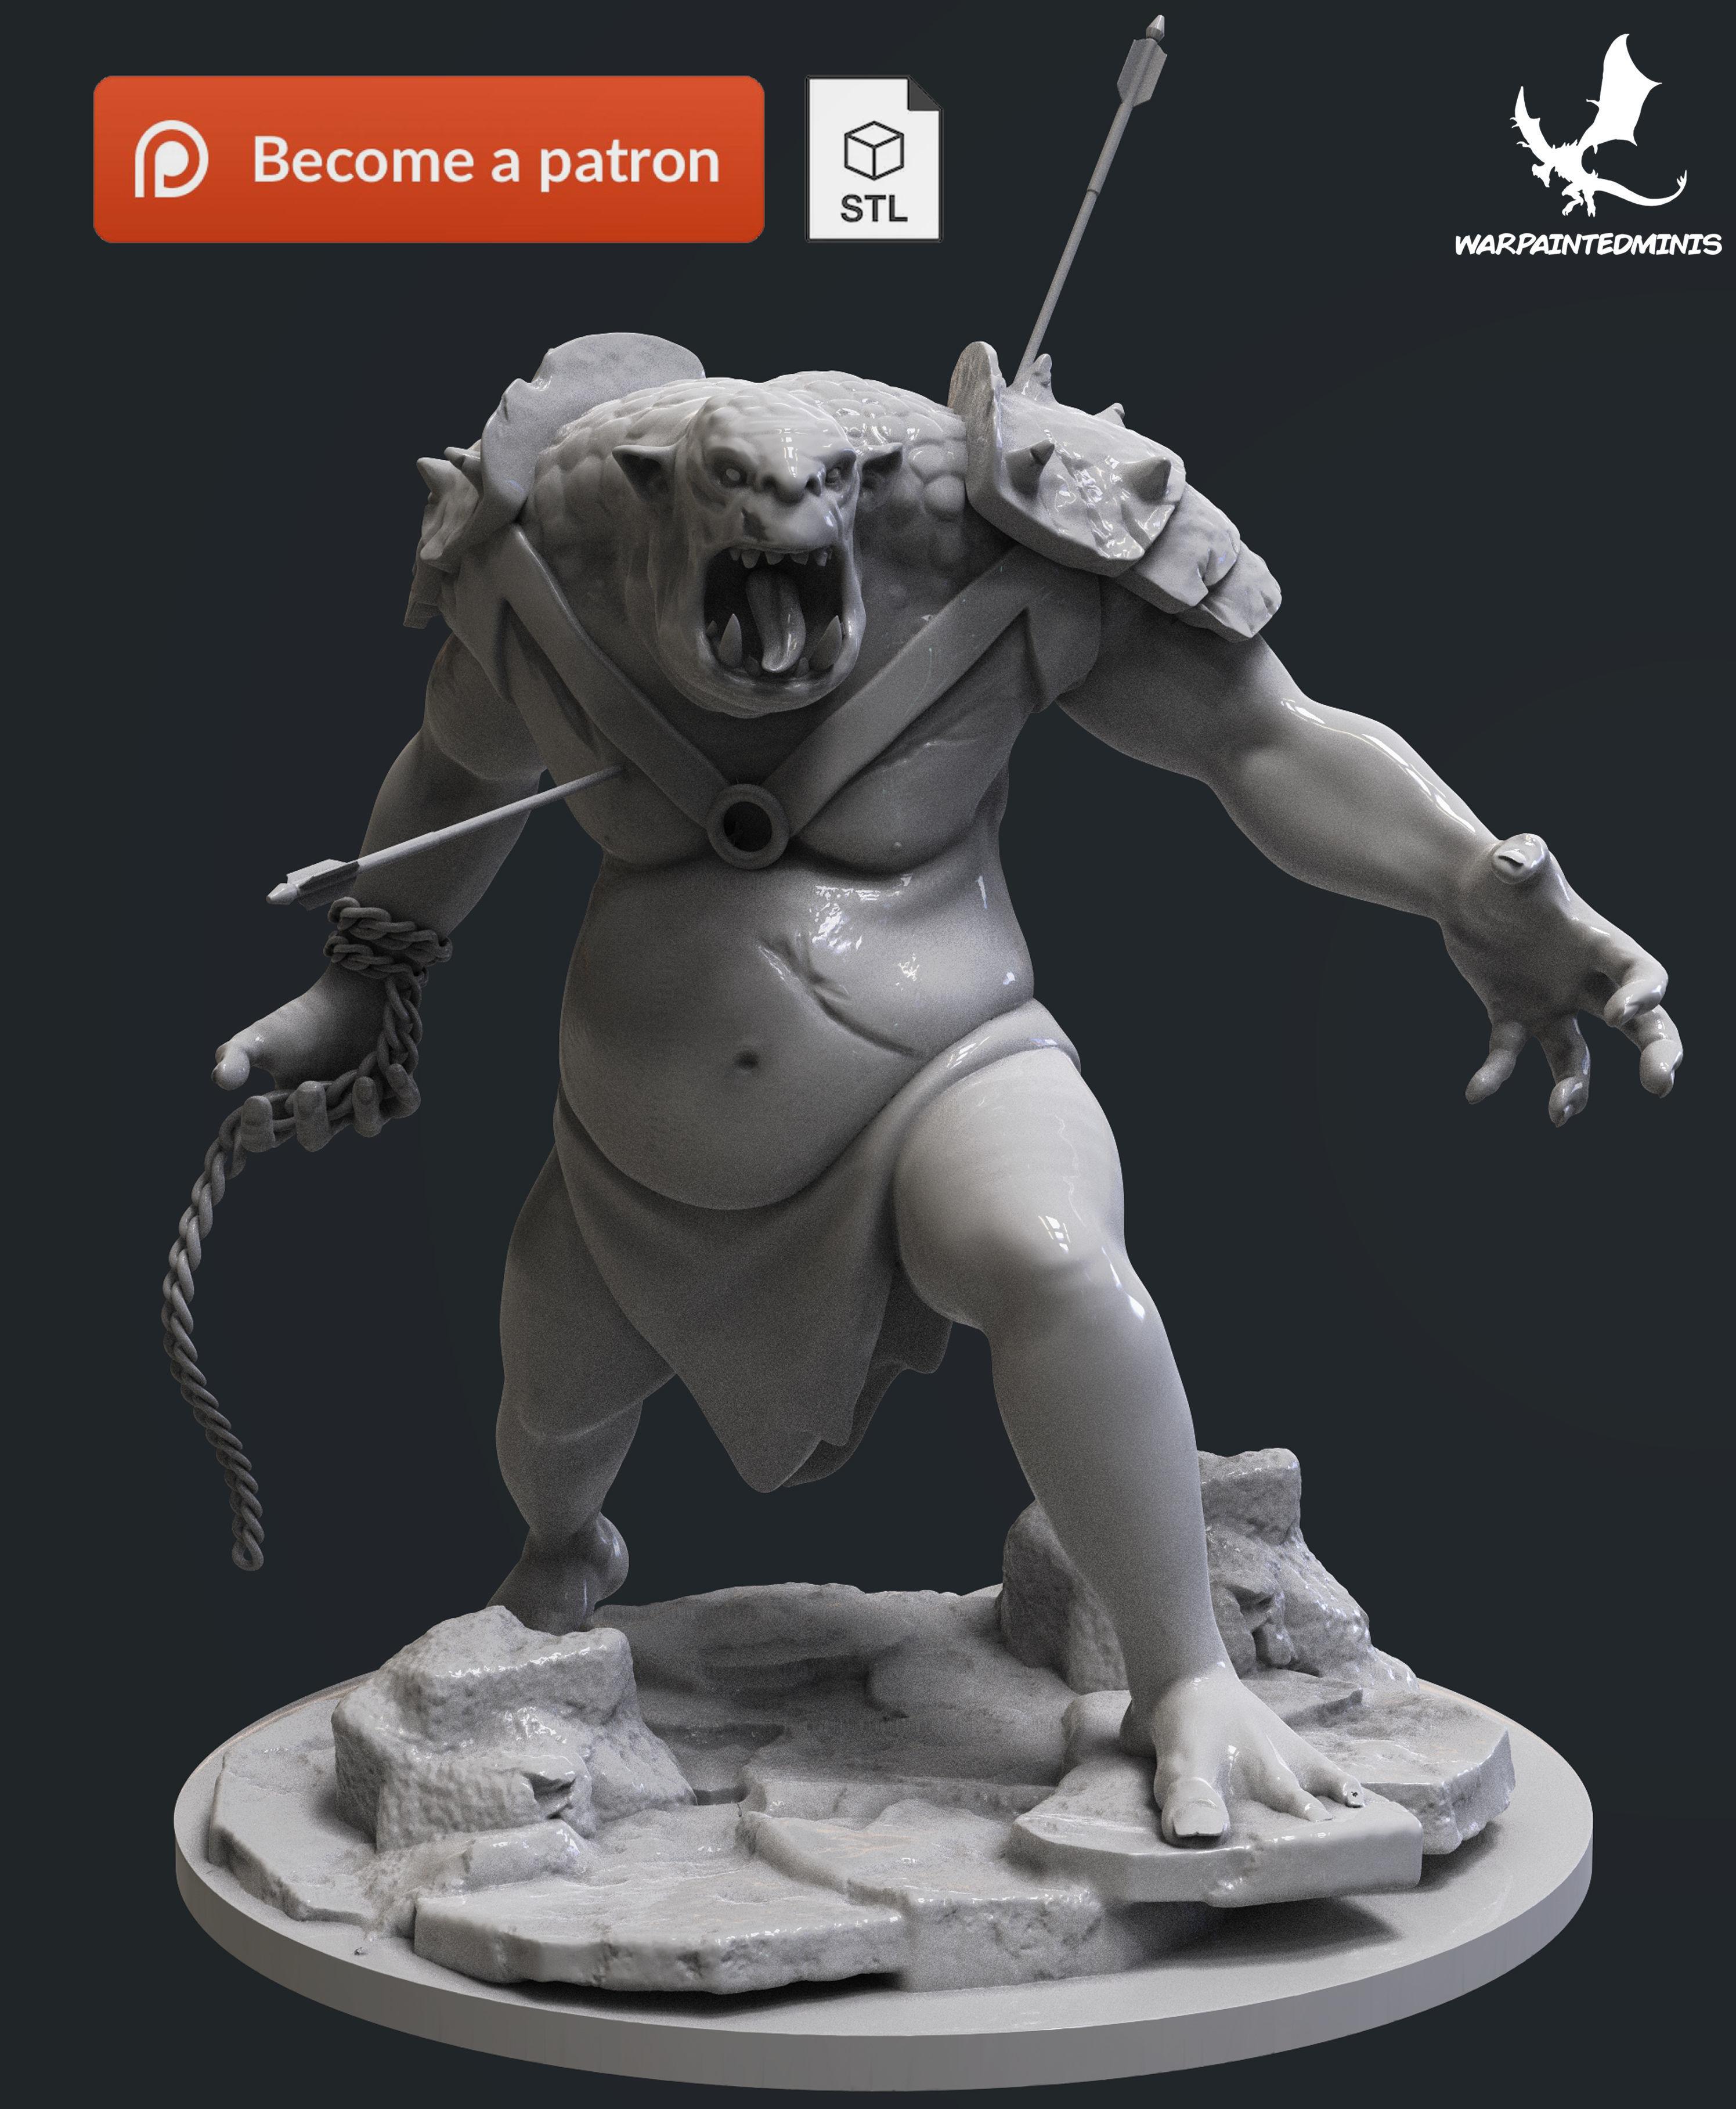 Troll 3D Print Model STL